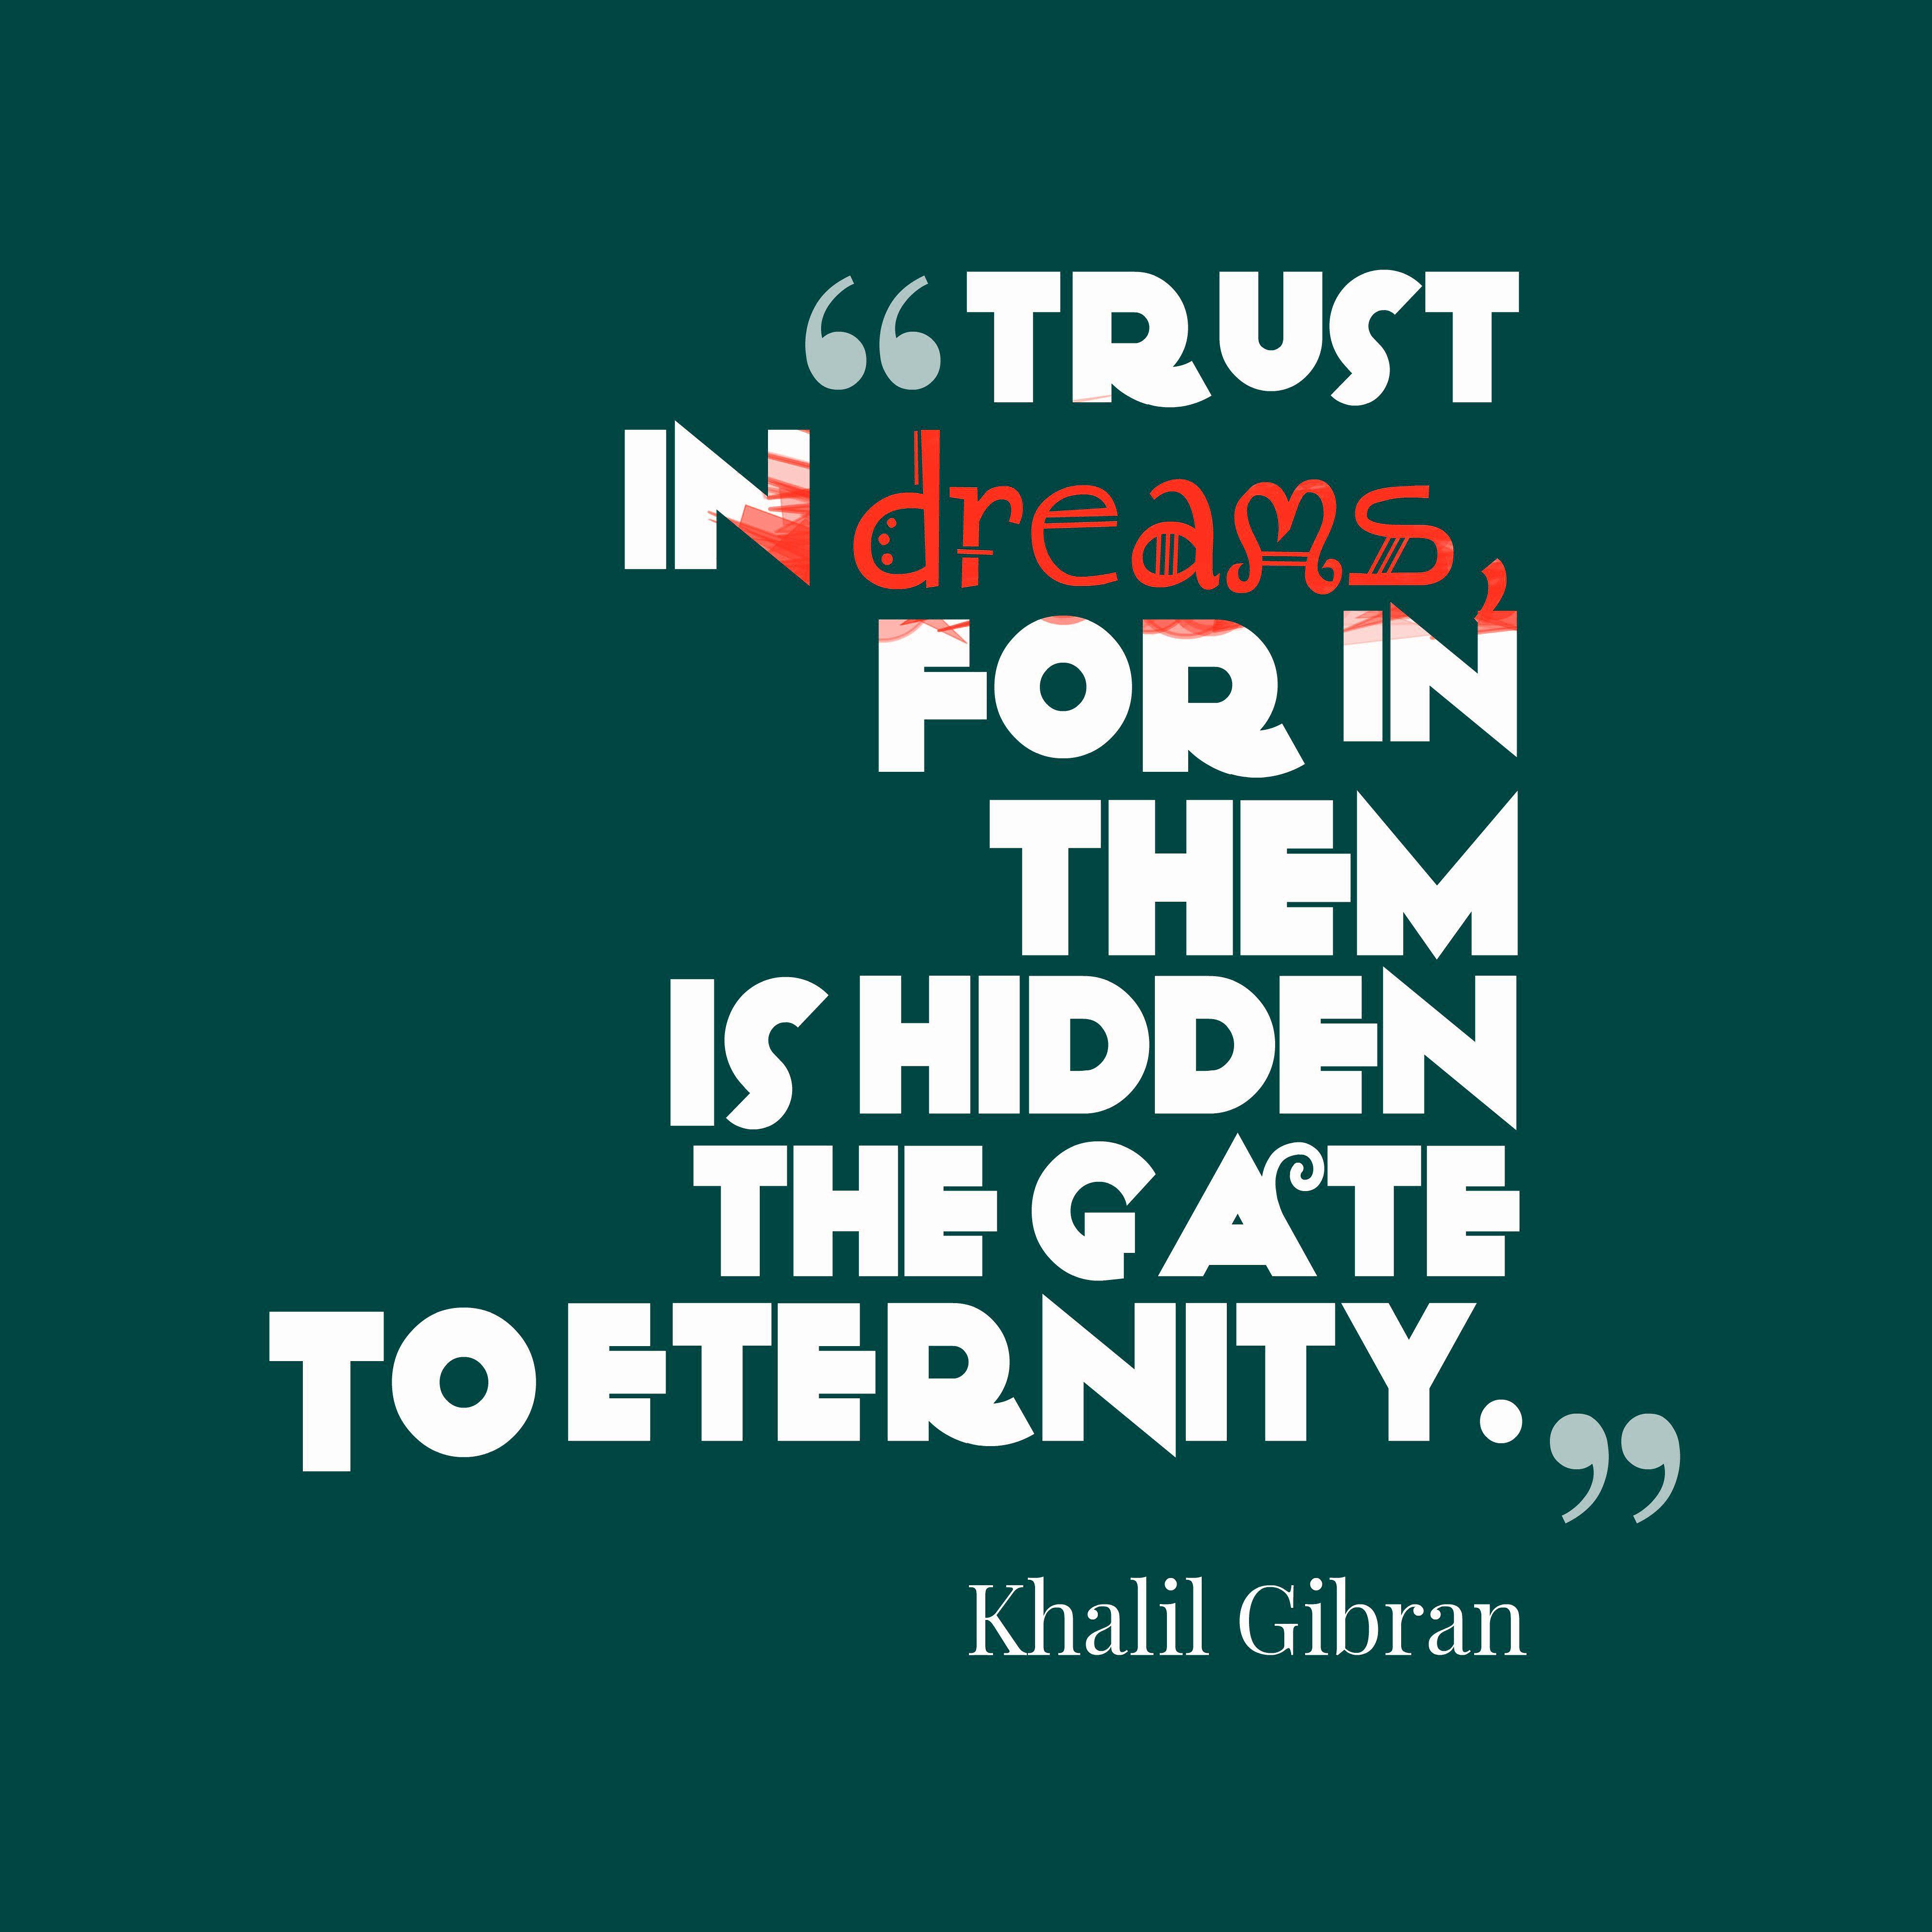 Hd wallpaper whatsapp - Khalil Gibran Motivation Quotes In Hd Wallpaper For Whatsapp